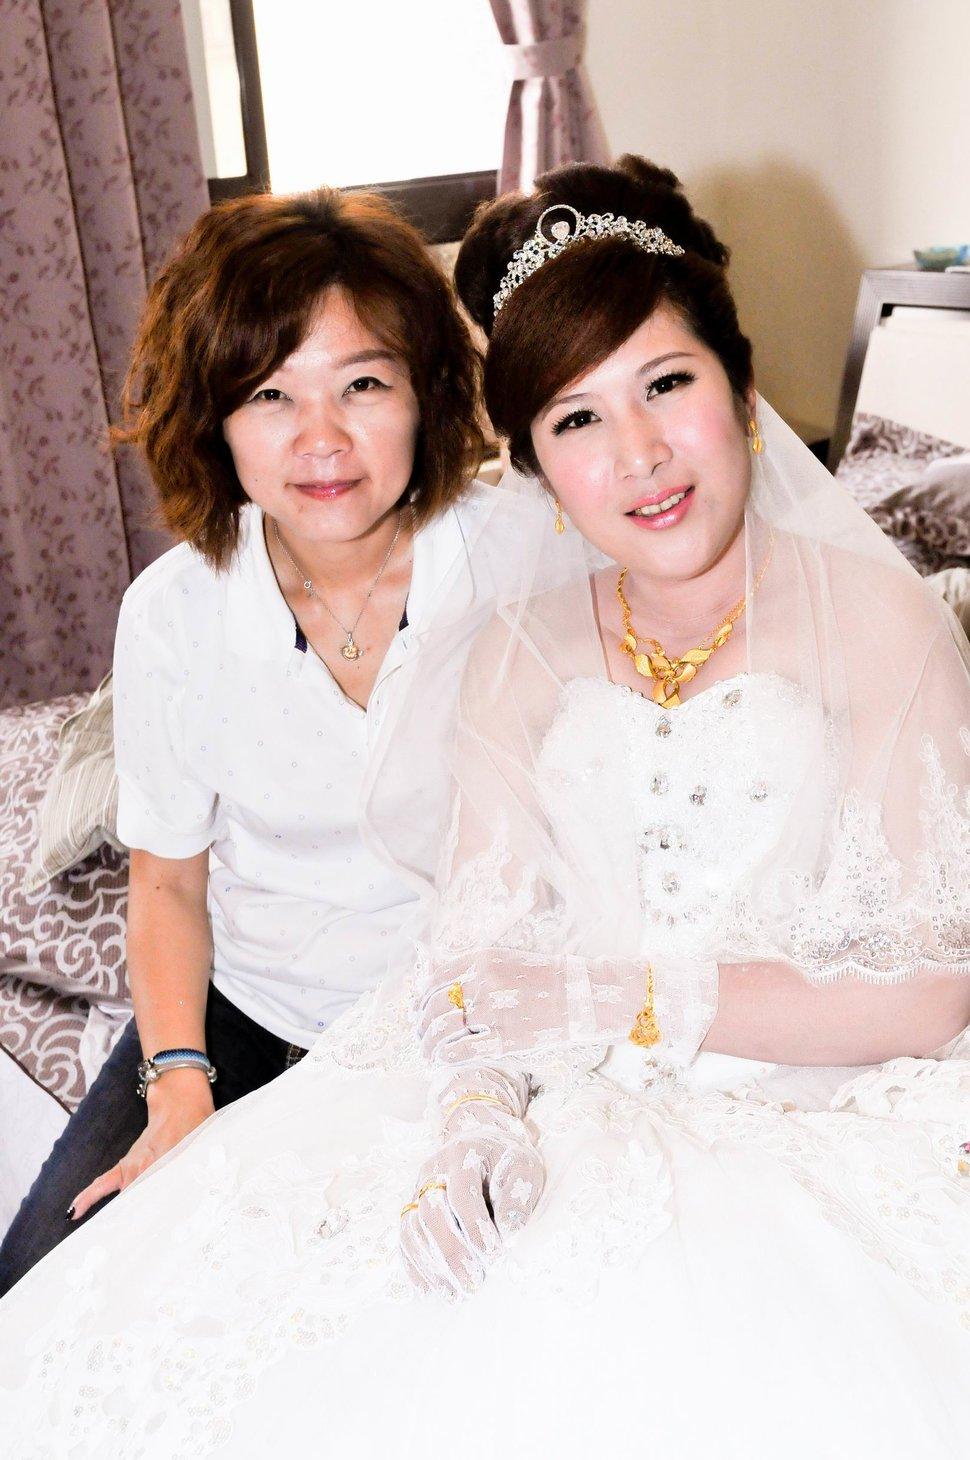 專業婚攝婚禮紀錄婚禮紀錄專業錄影婚禮錄影婚禮記錄動態微電影錄影專業錄影平面攝影婚攝婚禮主持人(編號:280394) - 蜜月拍照10800錄影12800攝影團隊 - 結婚吧